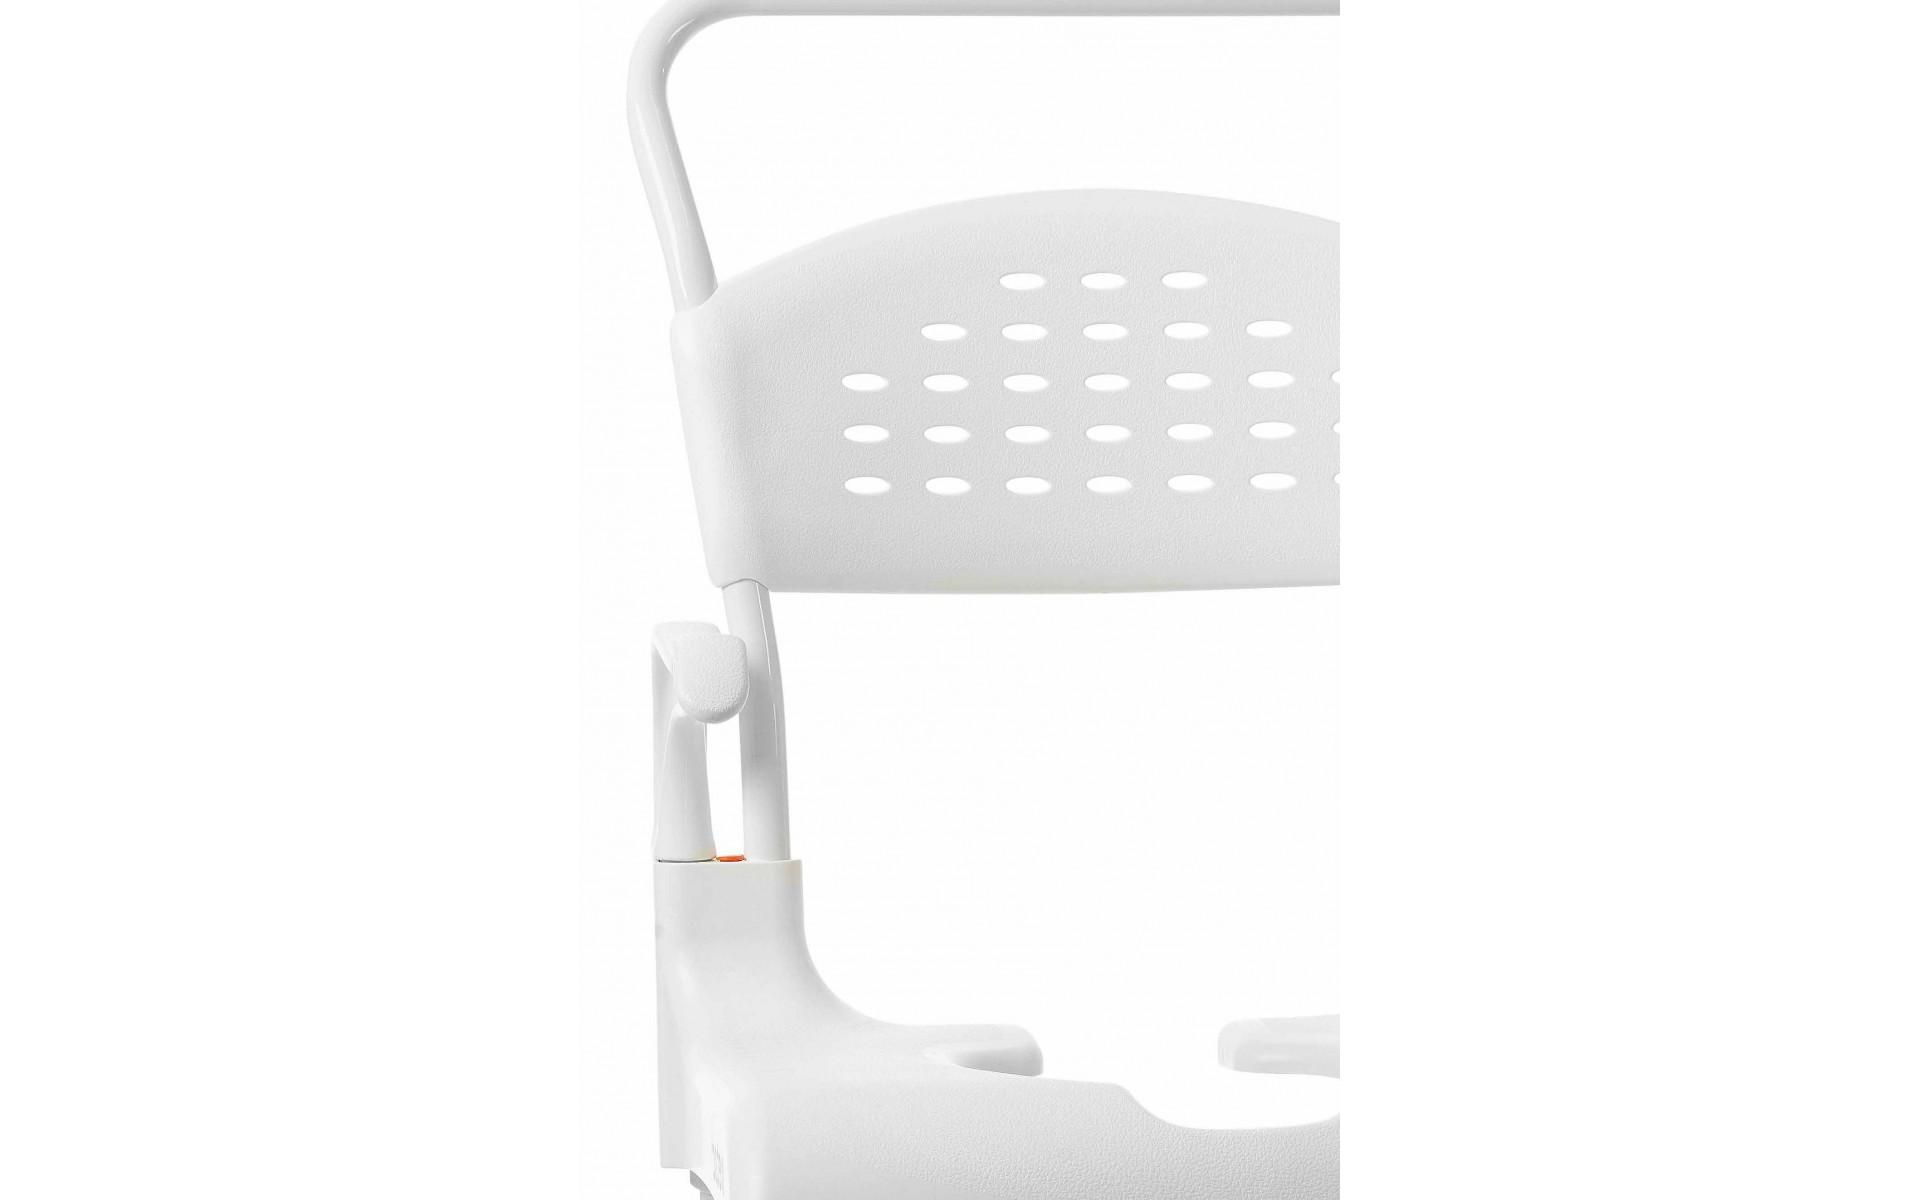 Wózek prysznicowy Etac Clean - wygodny, trwały i niezawodny.